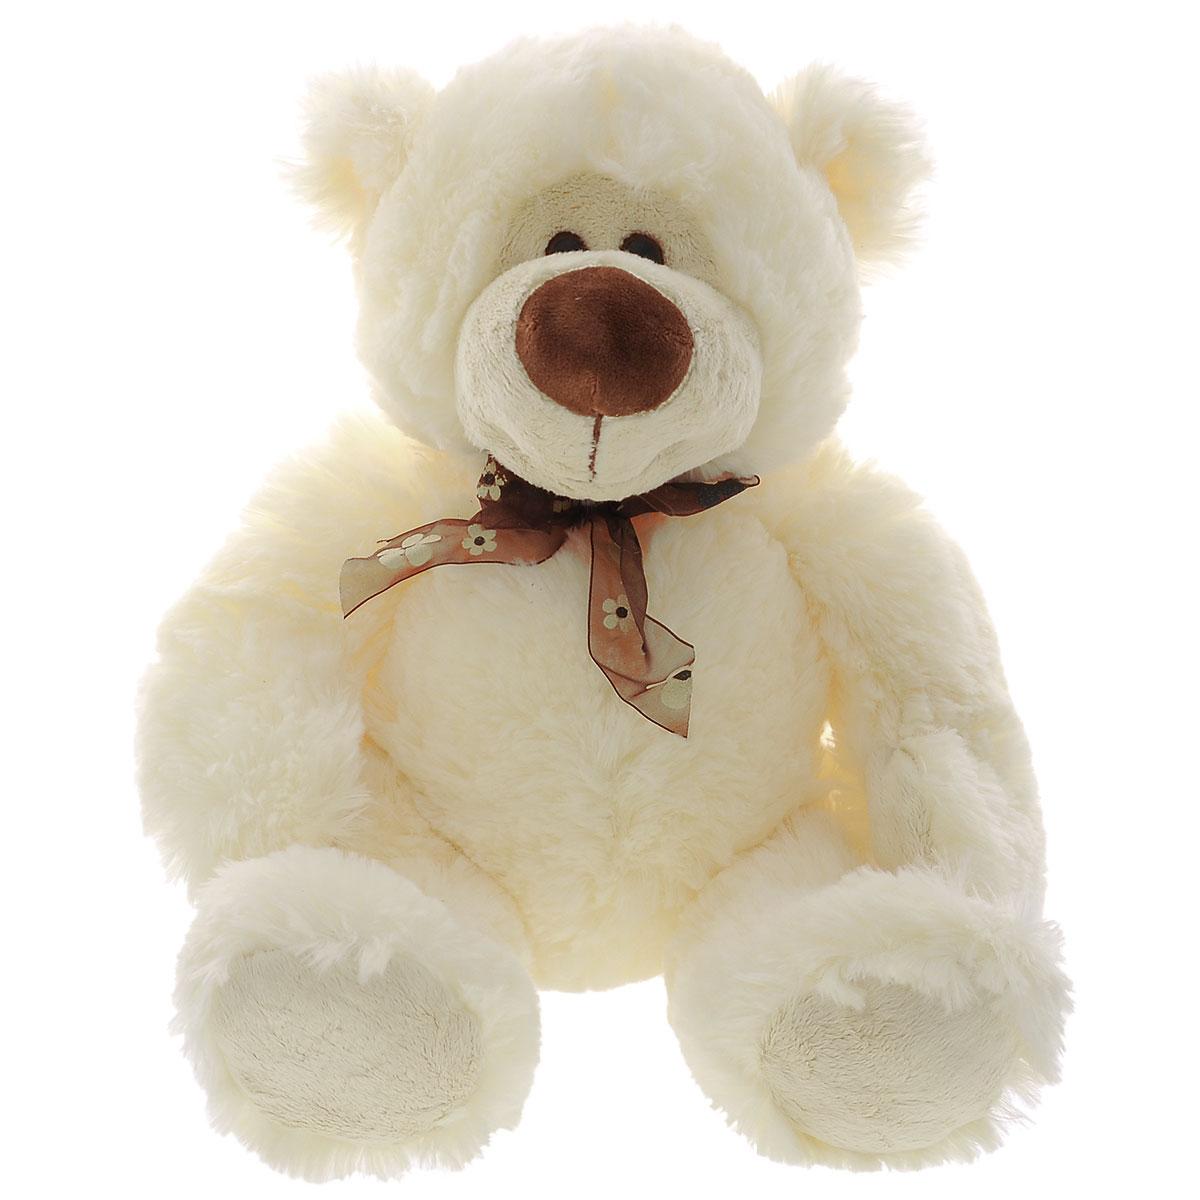 Мягкая игрушка Plush Apple Медведь Богдан, 47 смK13038BМилая мягкая игрушка Plush Apple Медведь Богдан привлечет внимание любого ребенка. Изделие изготовлено из приятных на ощупь и очень мягких материалов. Игрушка выполнена в виде забавного медвежонка с бантиком на шее. Глазки изготовлены из пластика. Симпатичная игрушка неизменно будет радовать вашего ребенка, а также способствовать полноценному и гармоничному развитию его личности.